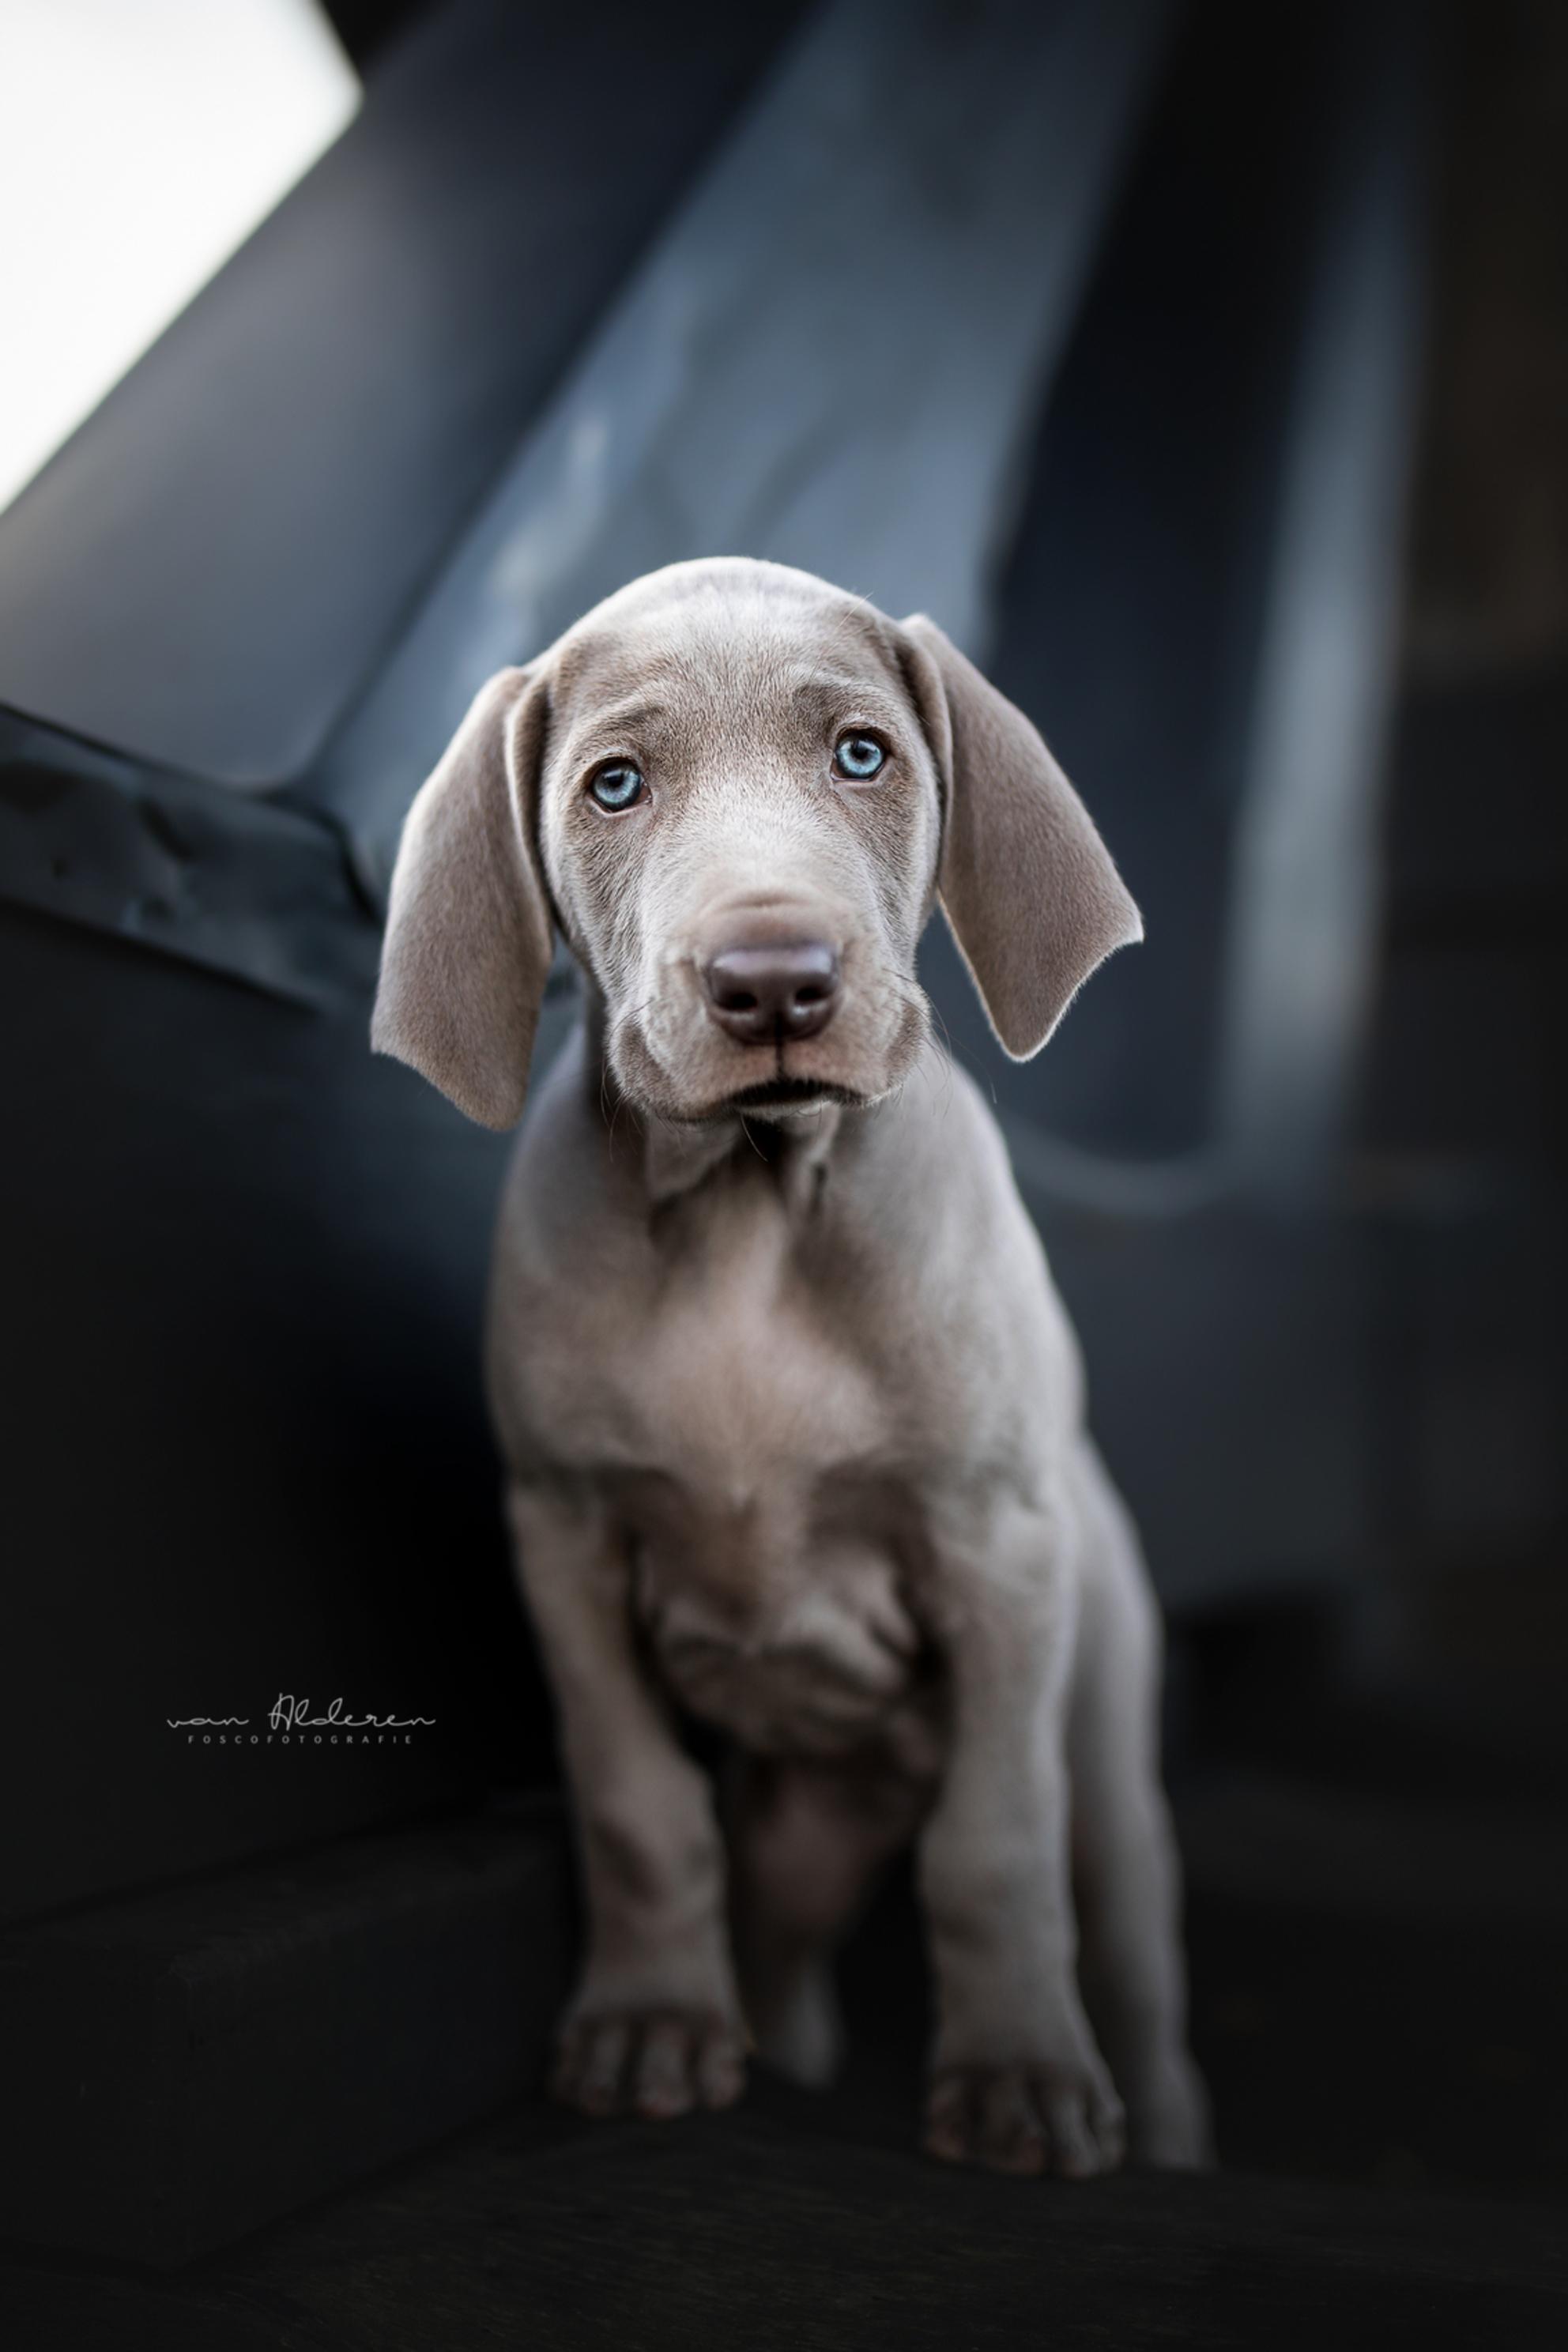 Weimaraner puppy - Kleine Weimaraner puppy in een mooi vestingstadje in Noord-Brabant. - foto door foscofotografie op 07-01-2021 - deze foto bevat: natuur, portret, dieren, huisdier, hond, honden, tegenlicht, dier, stad, lief, jong, puppy, scherptediepte, focus, dof, schattig, dierenfotografie, hondenfotografie, blauwe ogen, natuurlijk licht, systeemcamera, spiegelloos